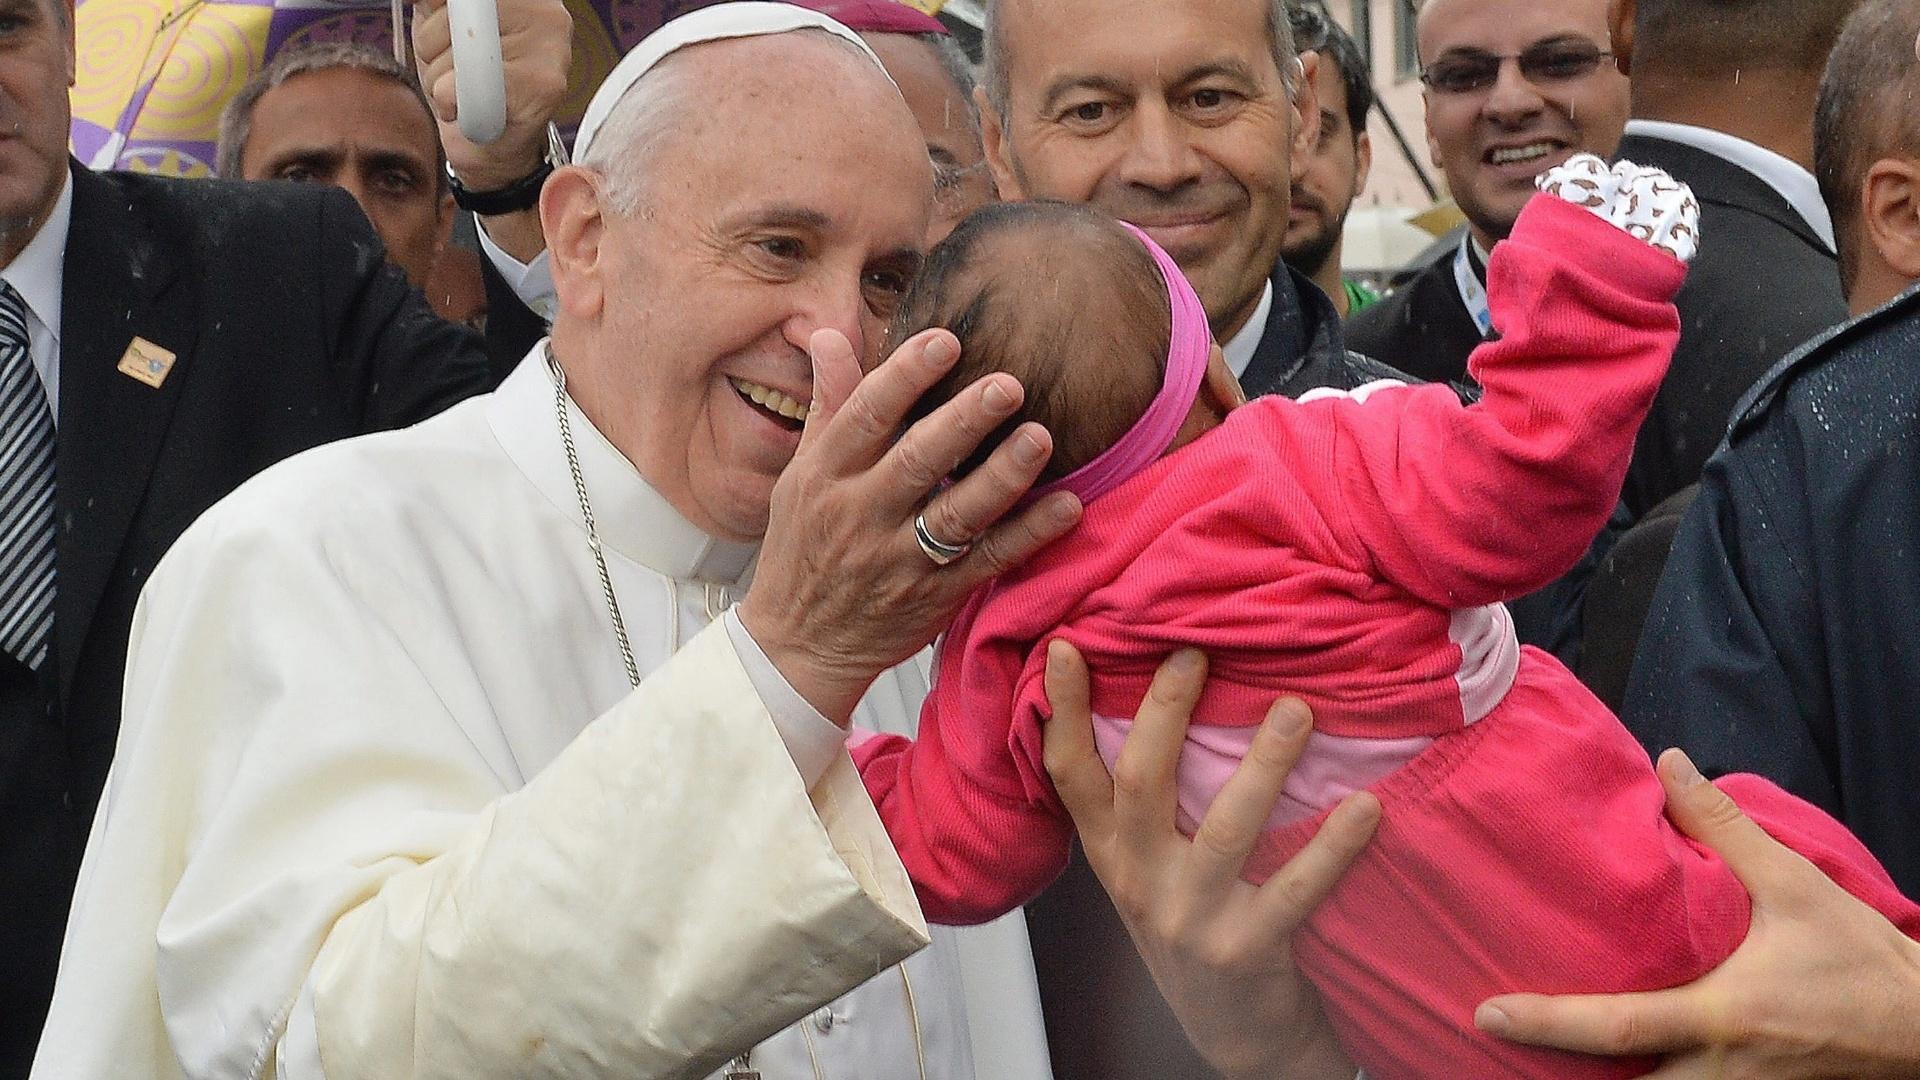 http://imguol.com/c/noticias/2013/07/25/25jul2013---papa-francisco-abencoa-bebe-durante-sua-visita-a-favela-varginha-no-complexo-de-manguinhos-zona-norte-do-rio-nesta-quinta-feira-o-pontifice-fez-um-discurso-na-comunidade-e-entrou-na-casa-1374781577518_1920x1080.jpg